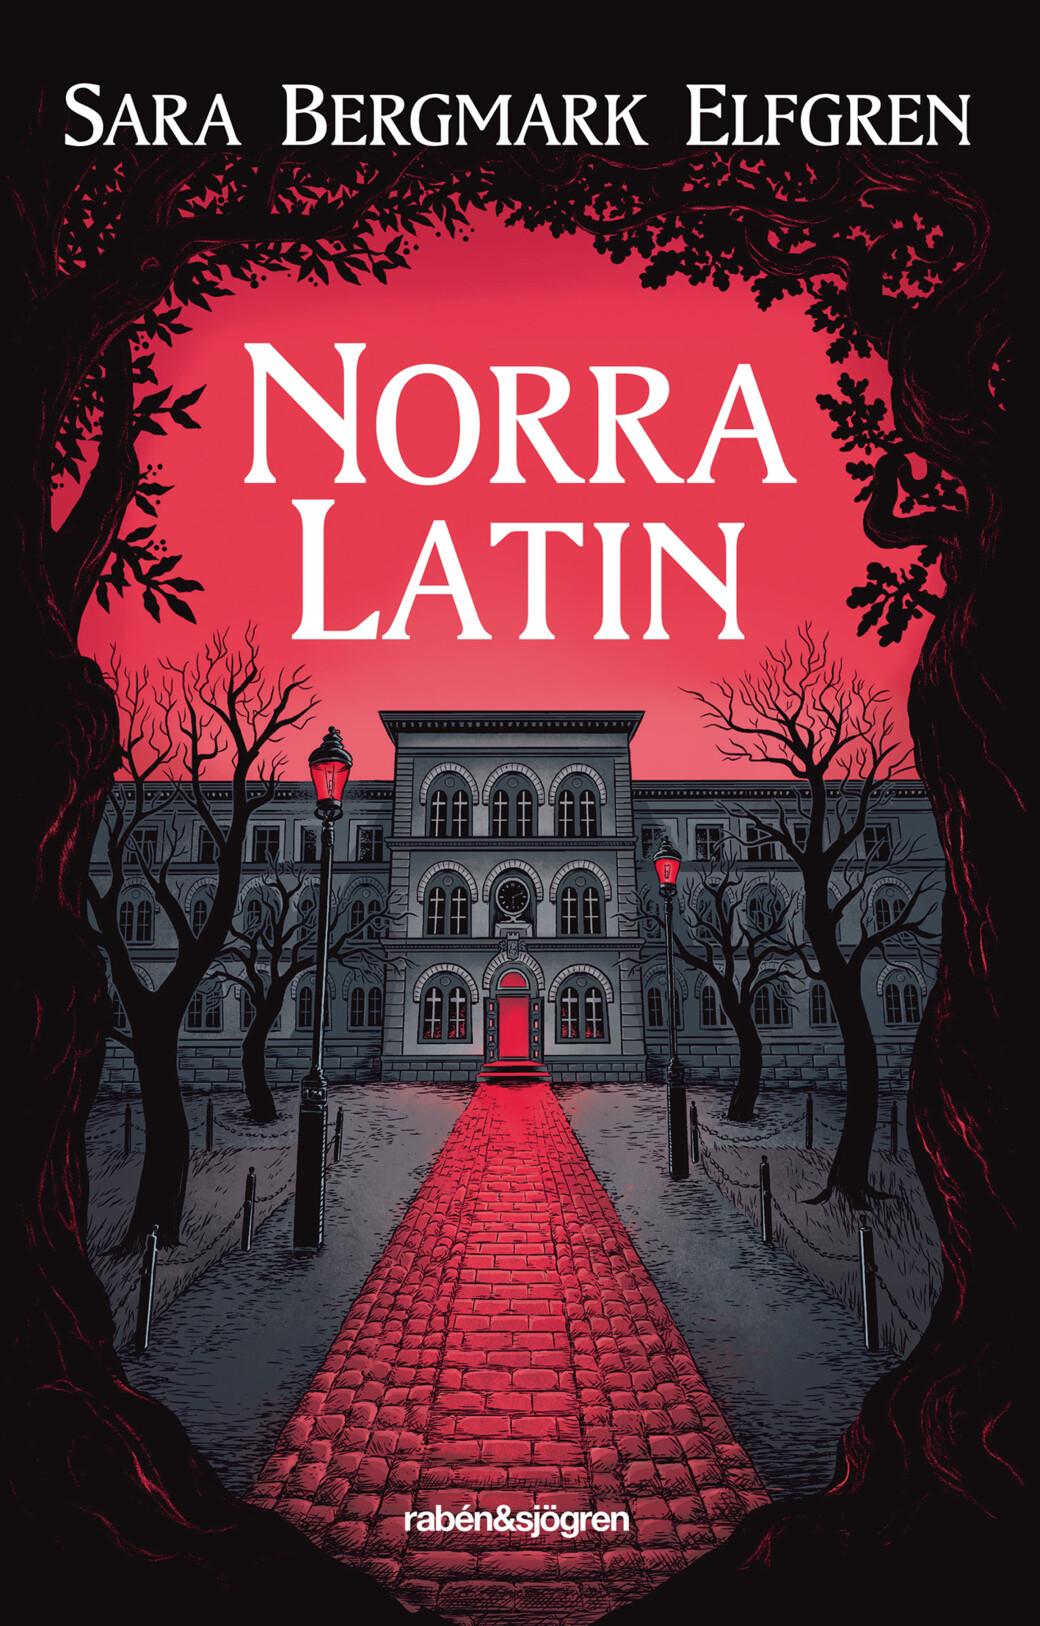 Norra Latin, Sara Bergmark Elfgren